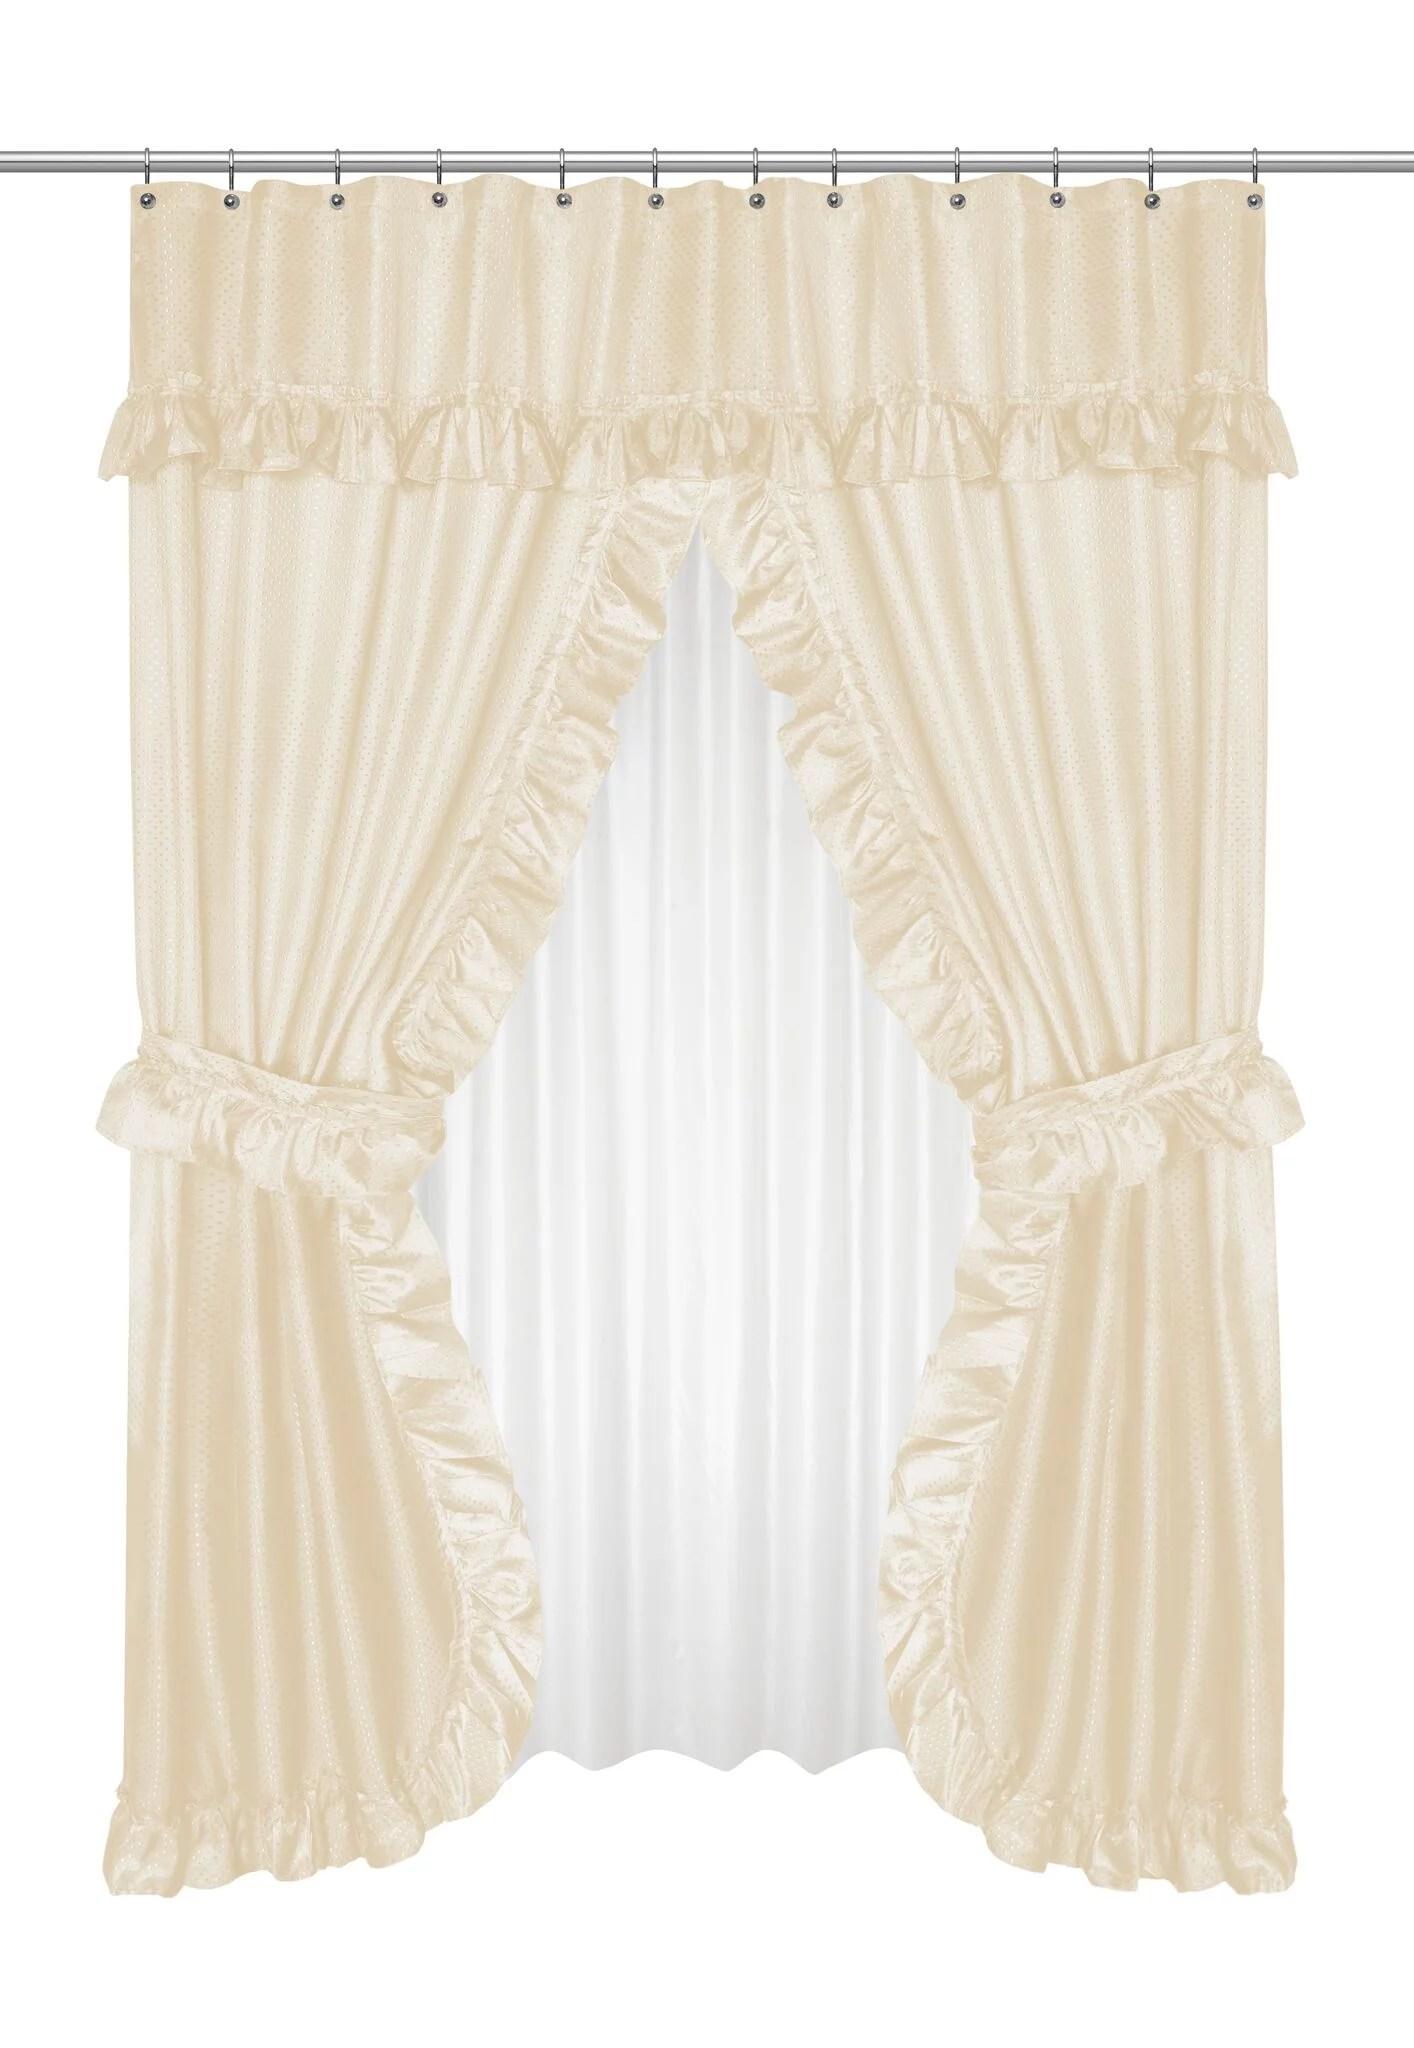 Goodgram Lauren Complete 5 Piece Attached Shower Curtain